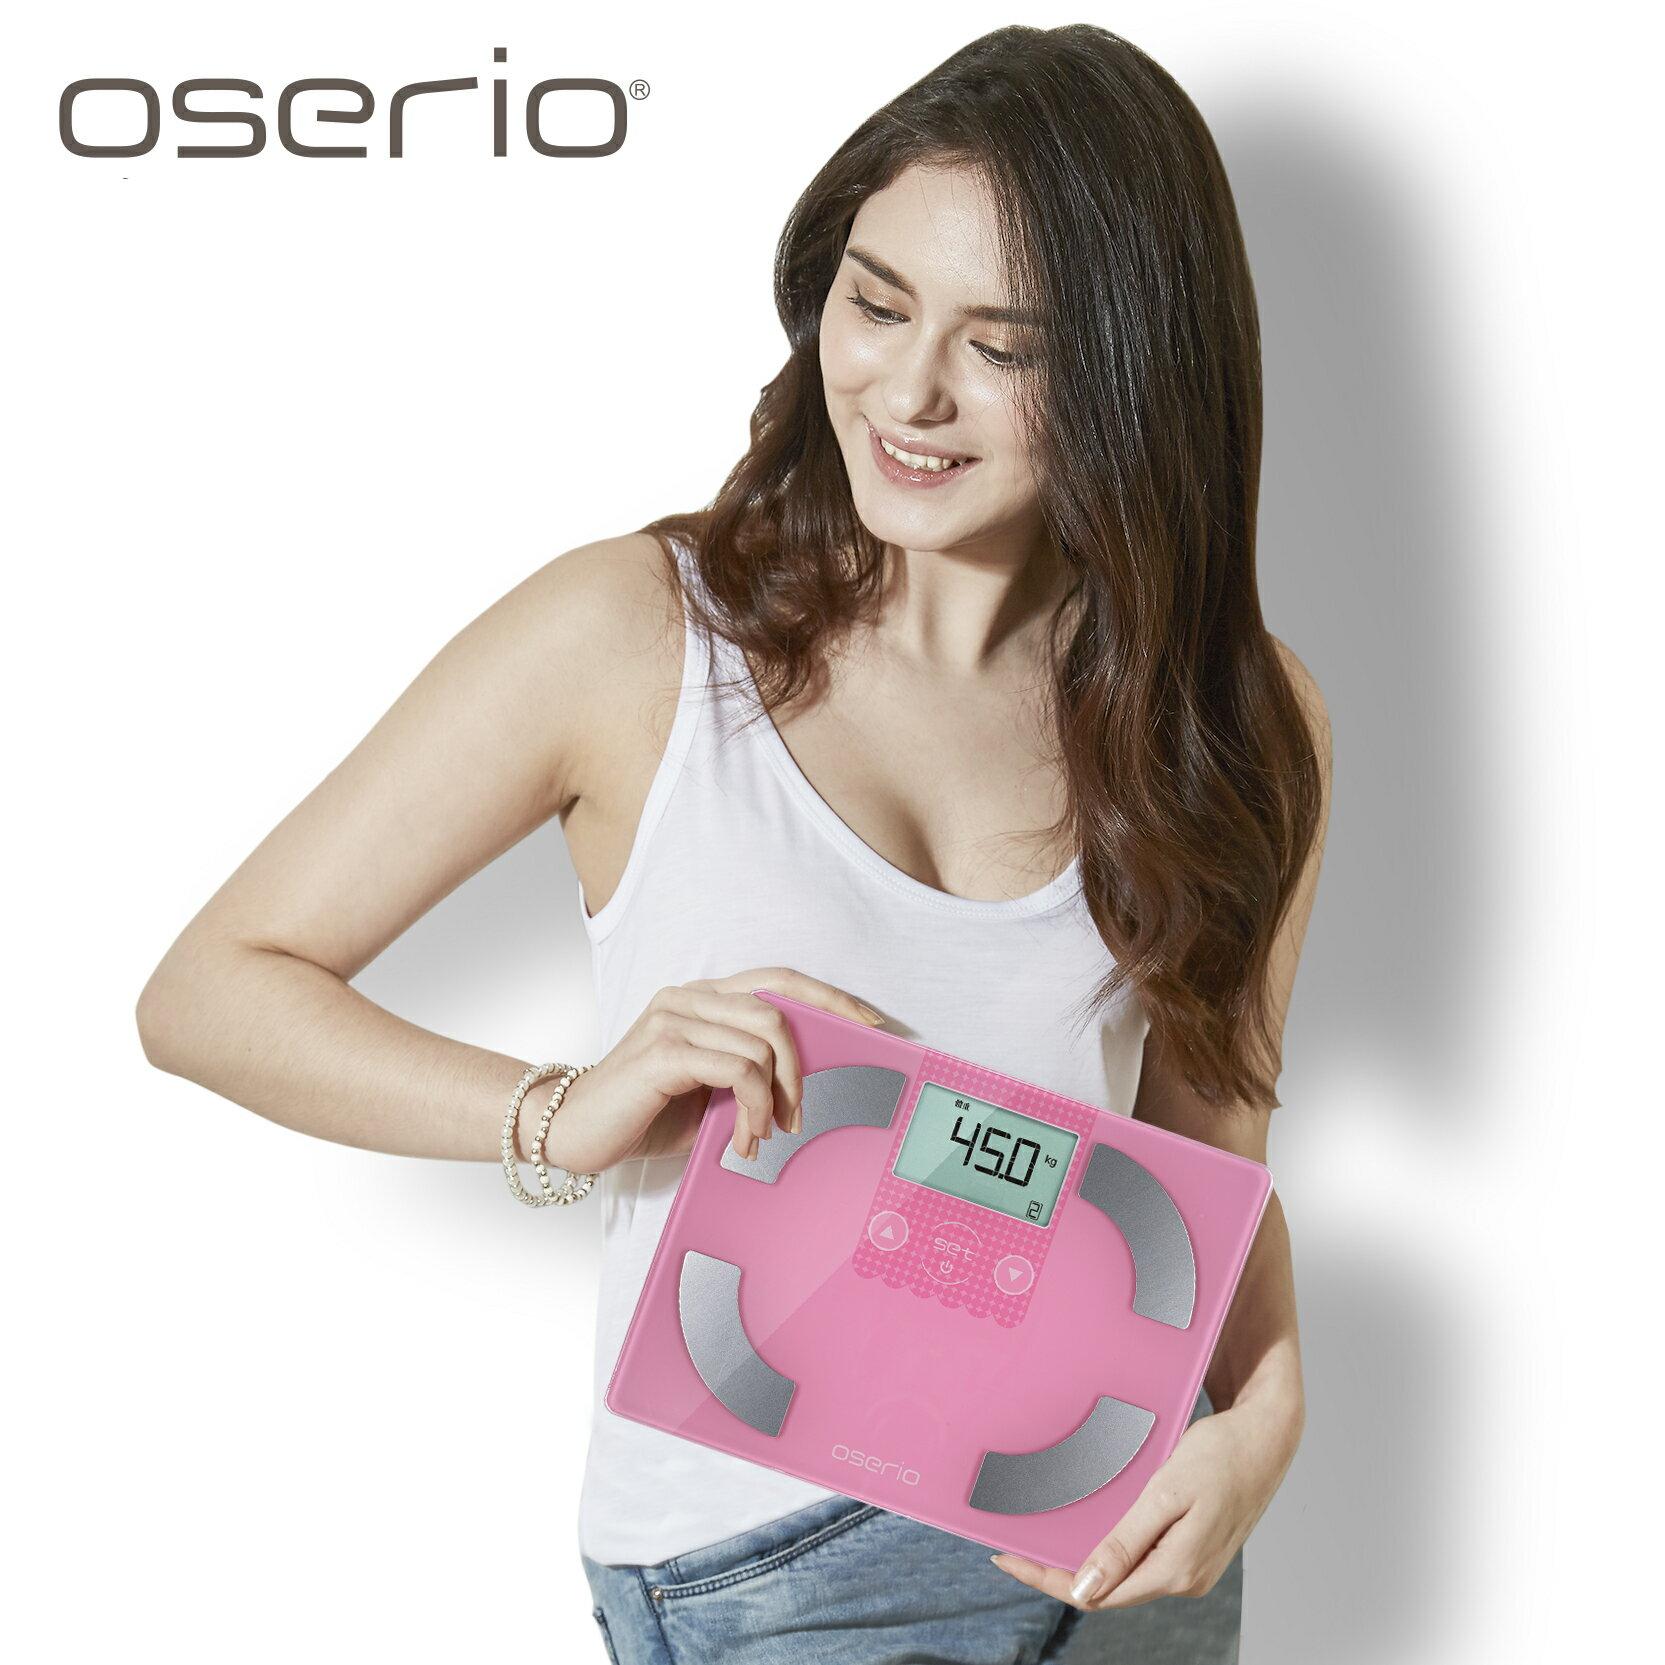 體脂計 可量基礎代謝 數位彩色精靈中文體脂計 台灣品牌【oserio歐瑟若】 FSC-341PK 粉紅色 2